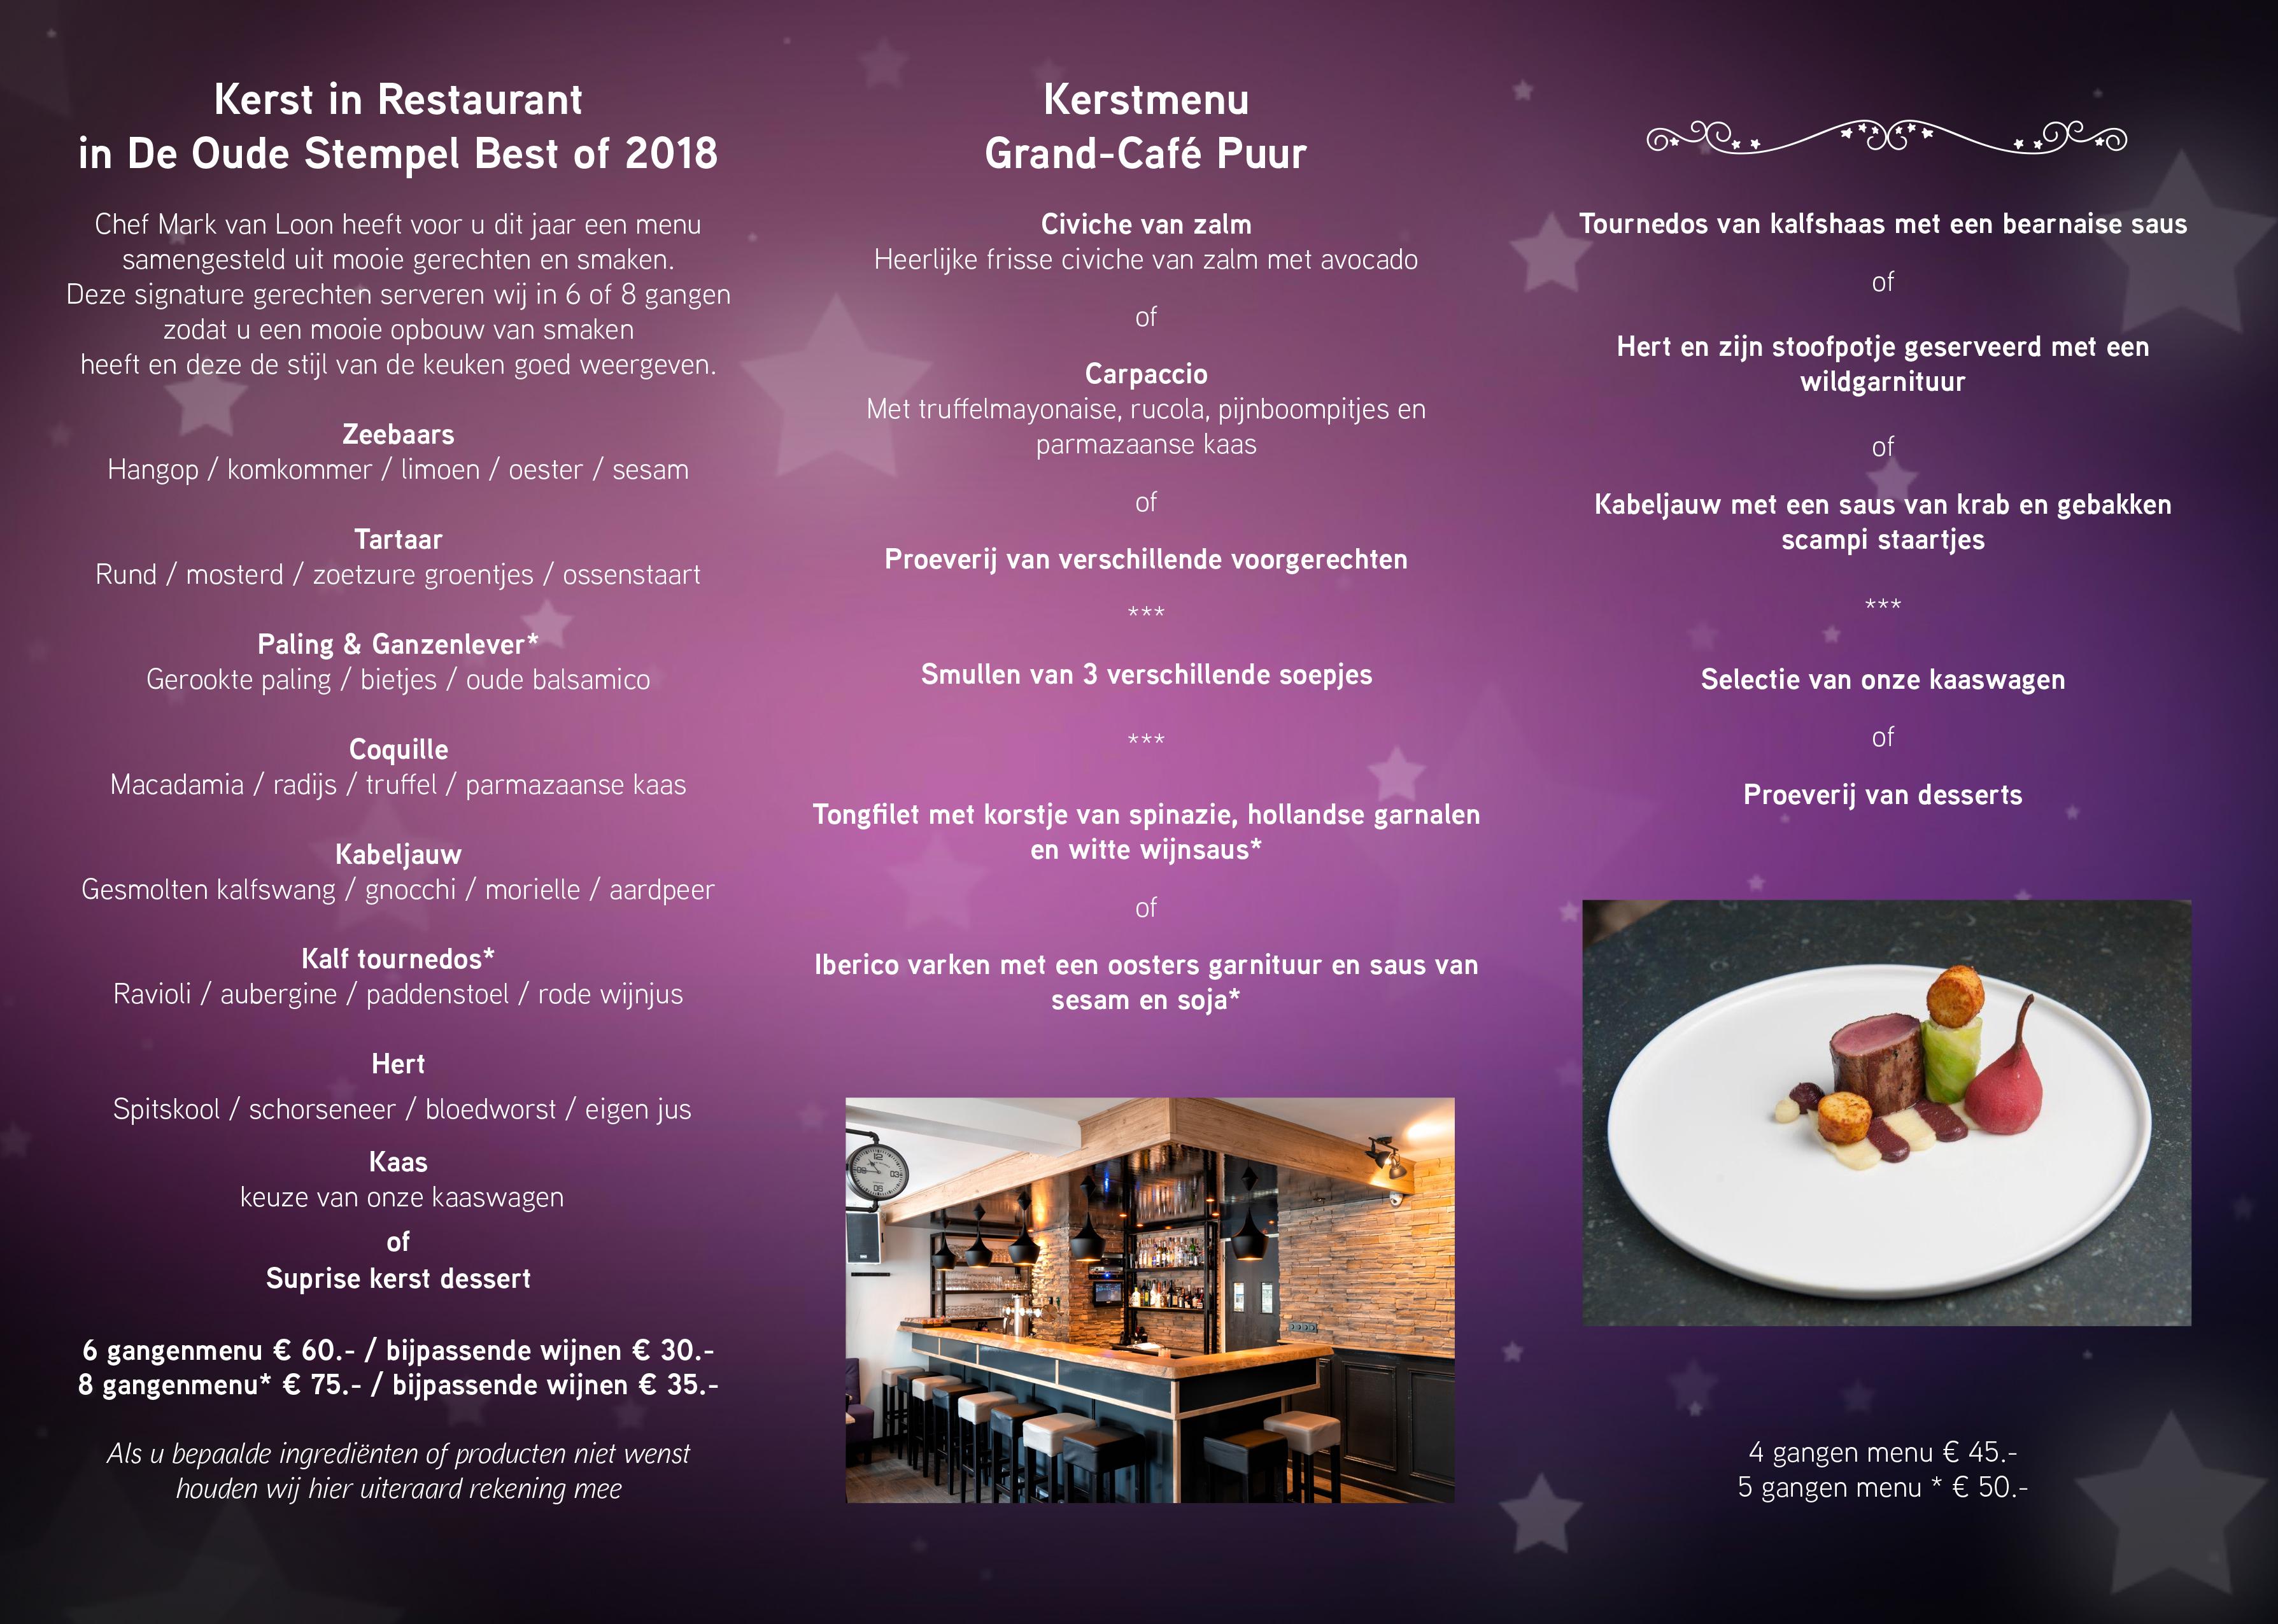 Kerstfolder 2018 2 Brasserie Puur